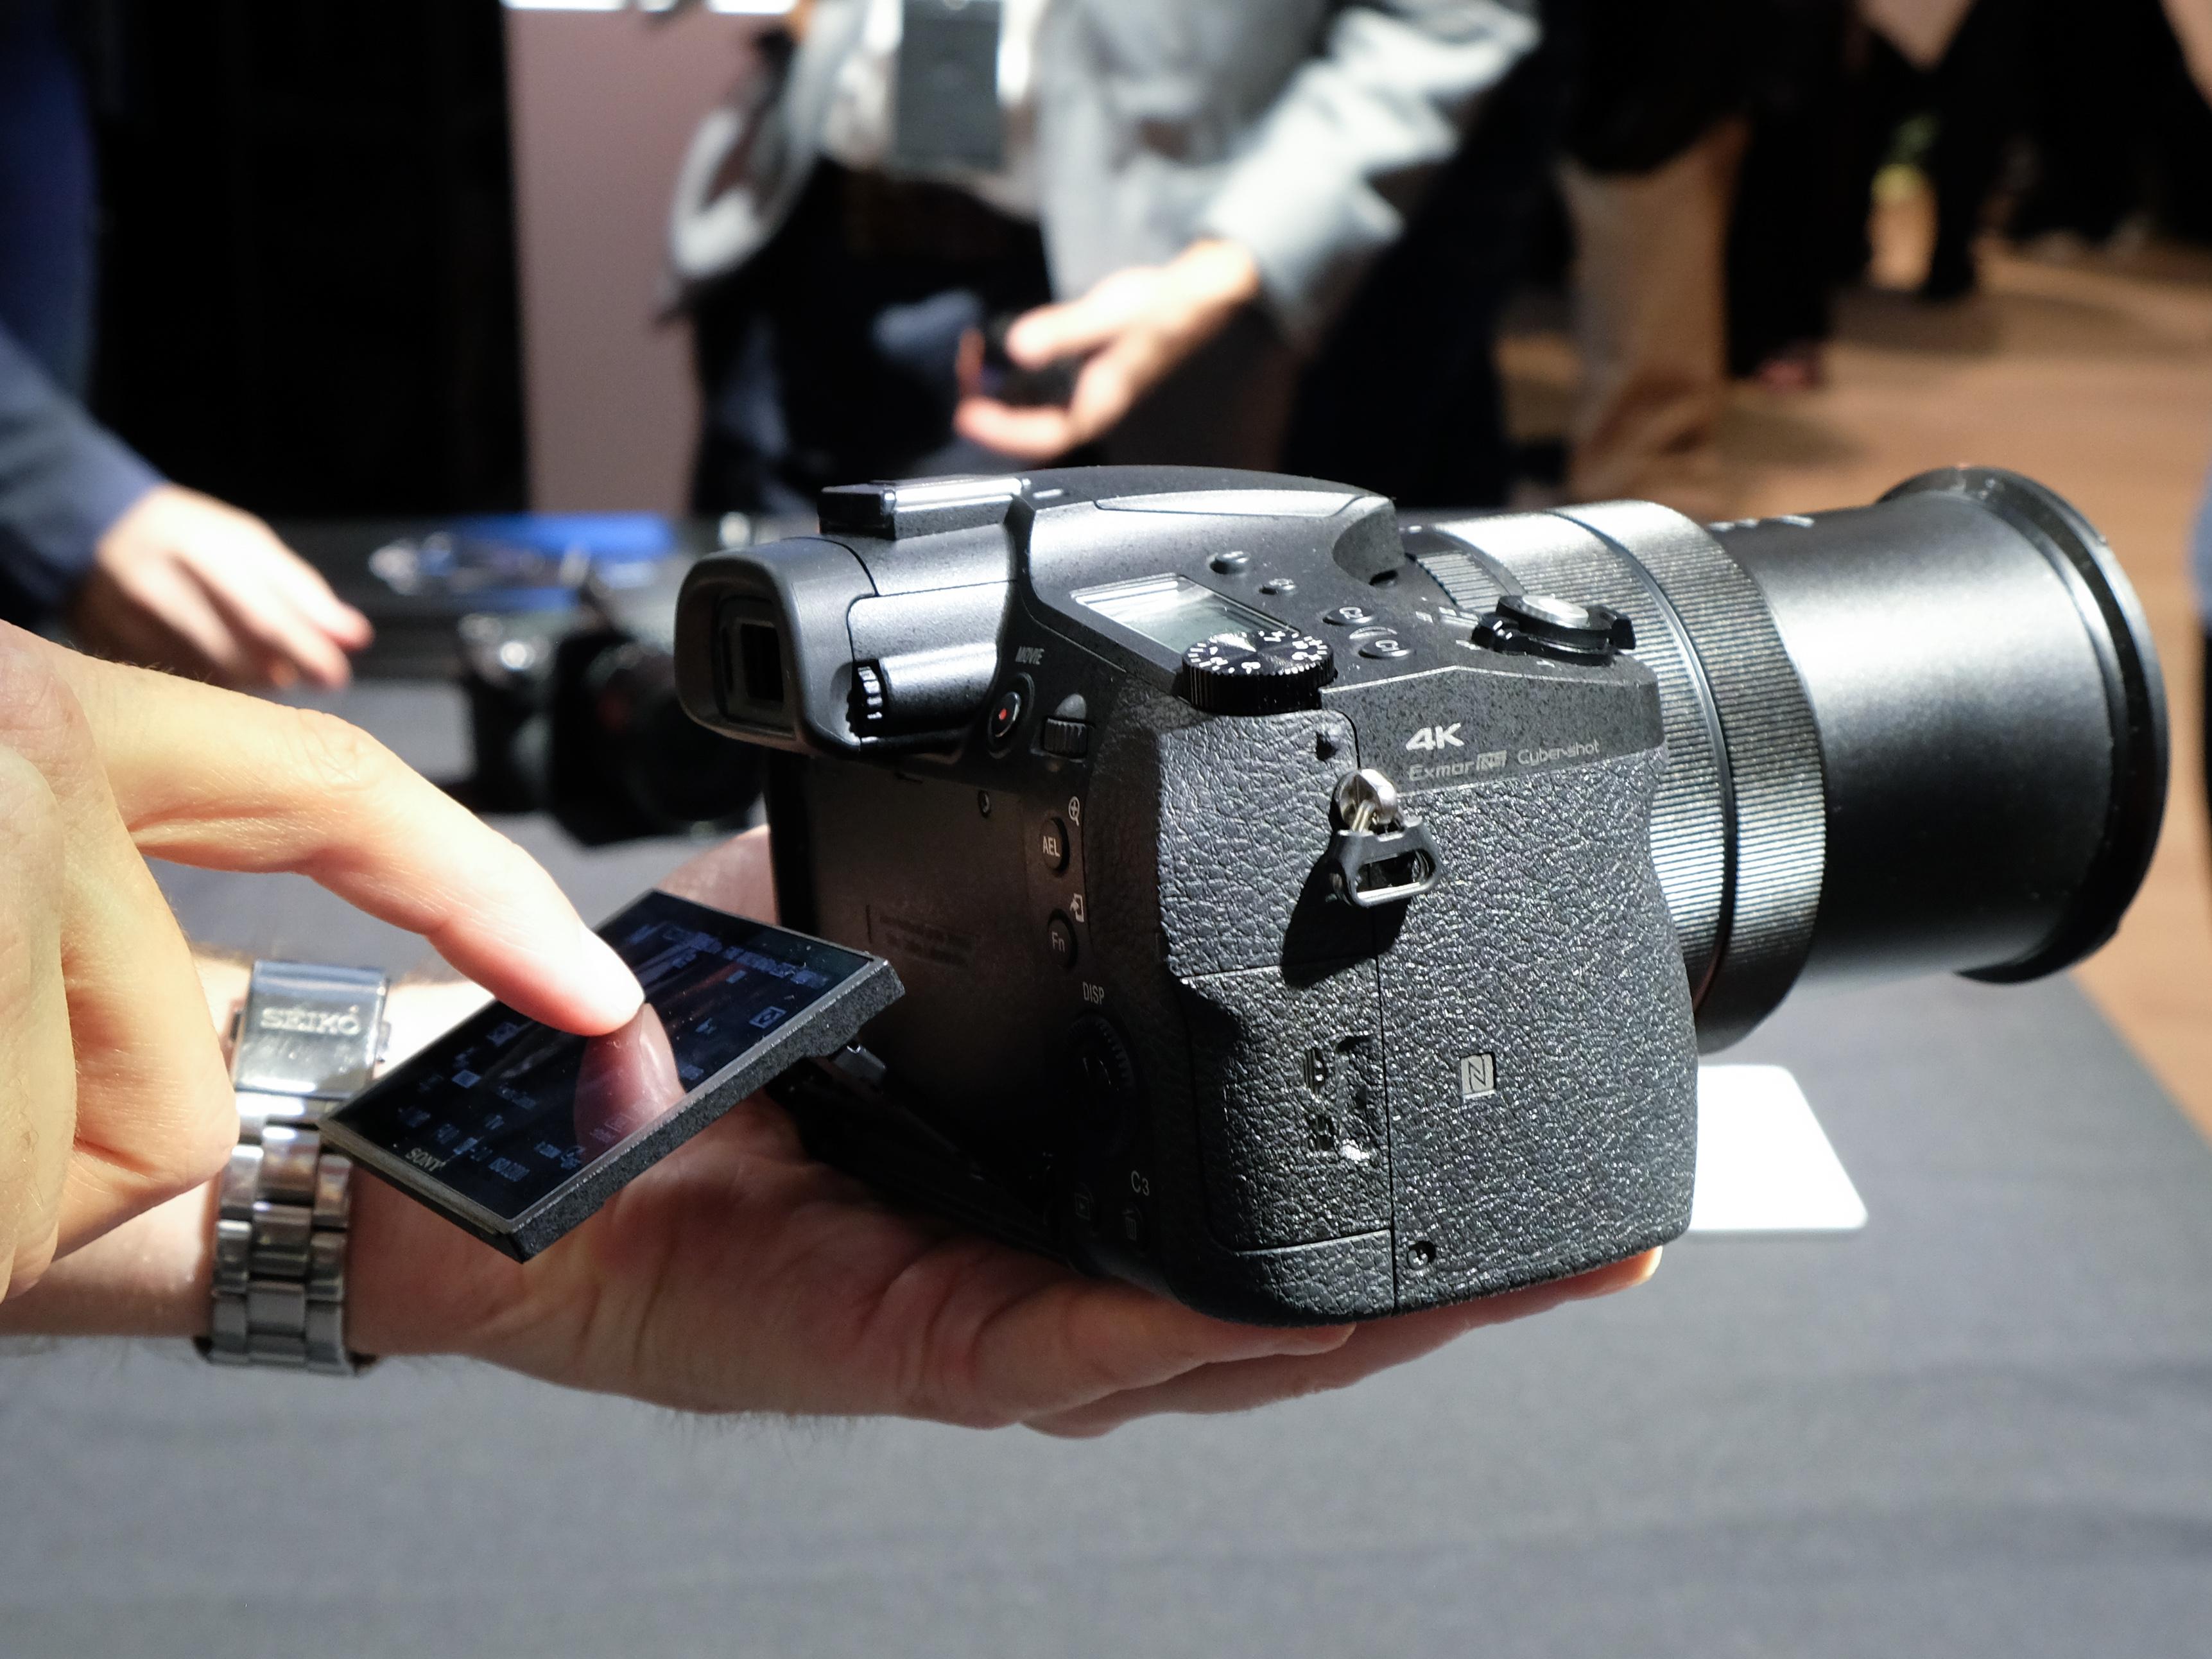 том, как наводить фокус на фотоаппарате привозим